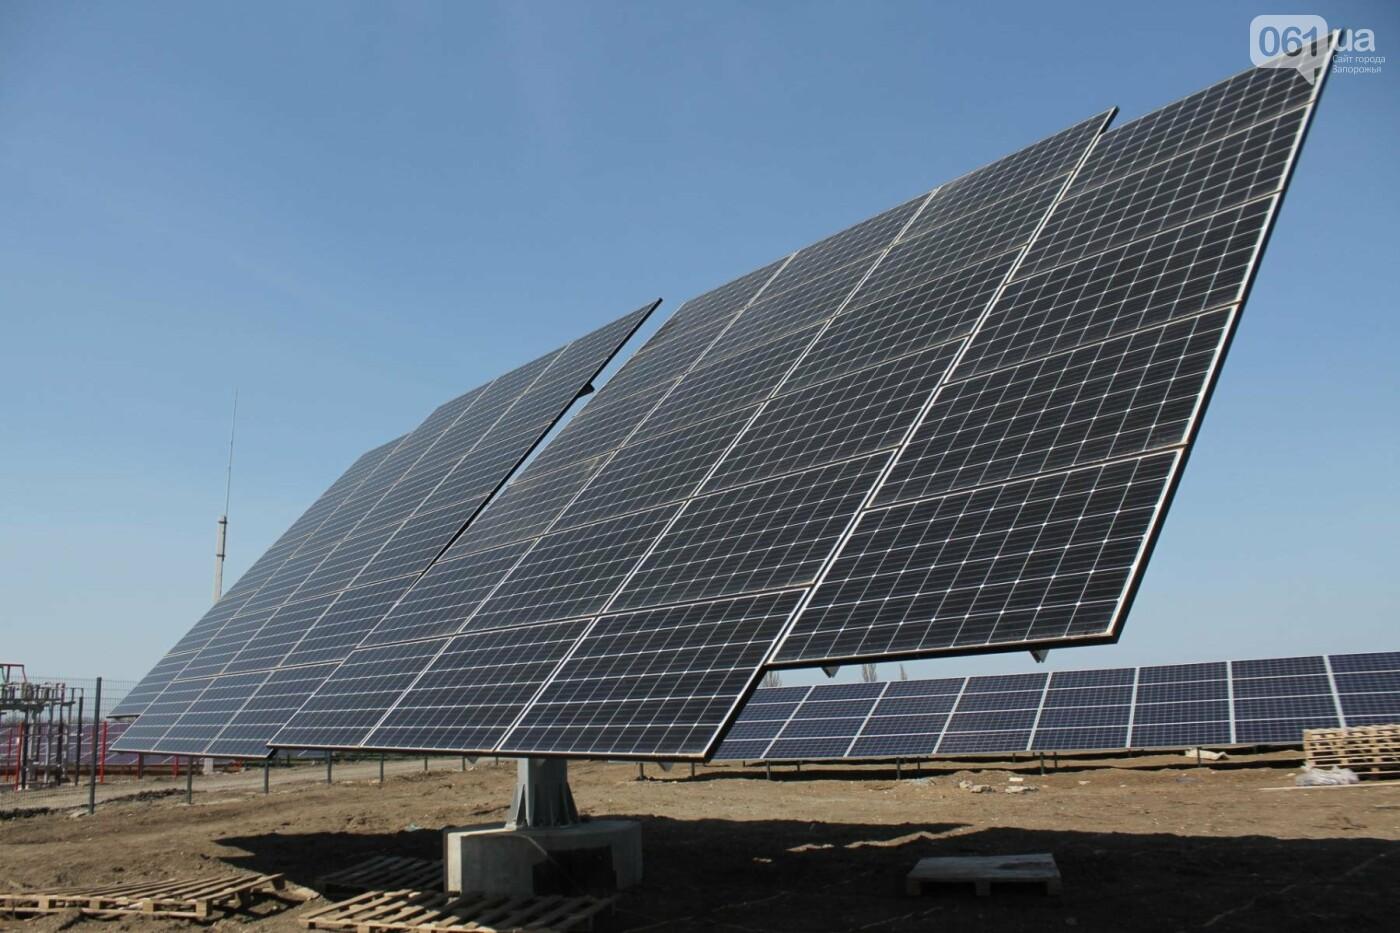 В запорожской громаде на месте свалки построили солнечную электростанцию: как она выглядит, – ФОТОРЕПОРТАЖ, фото-12